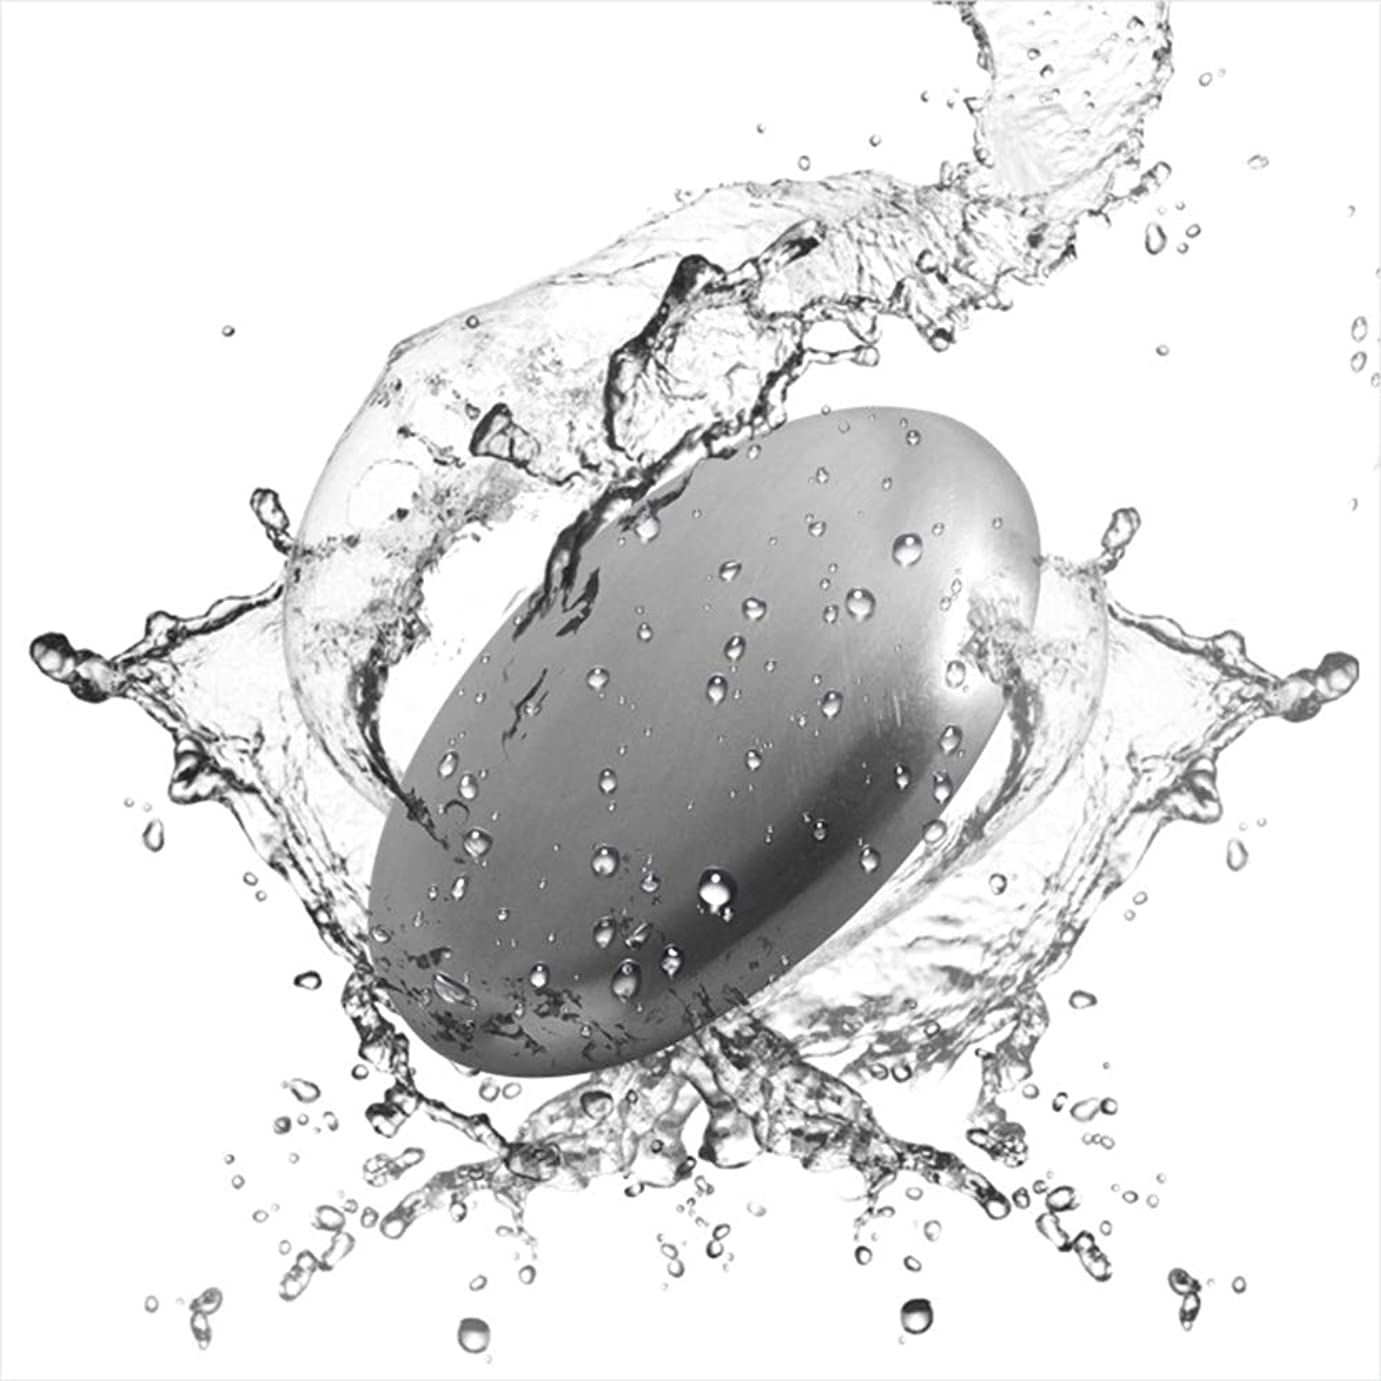 失敗しわ切断するRefoiner ステンレス製品 ソープ 実用的な台所用具 石鹸 魚臭 玉ねぎやニンニク 異臭を取り除く 2個